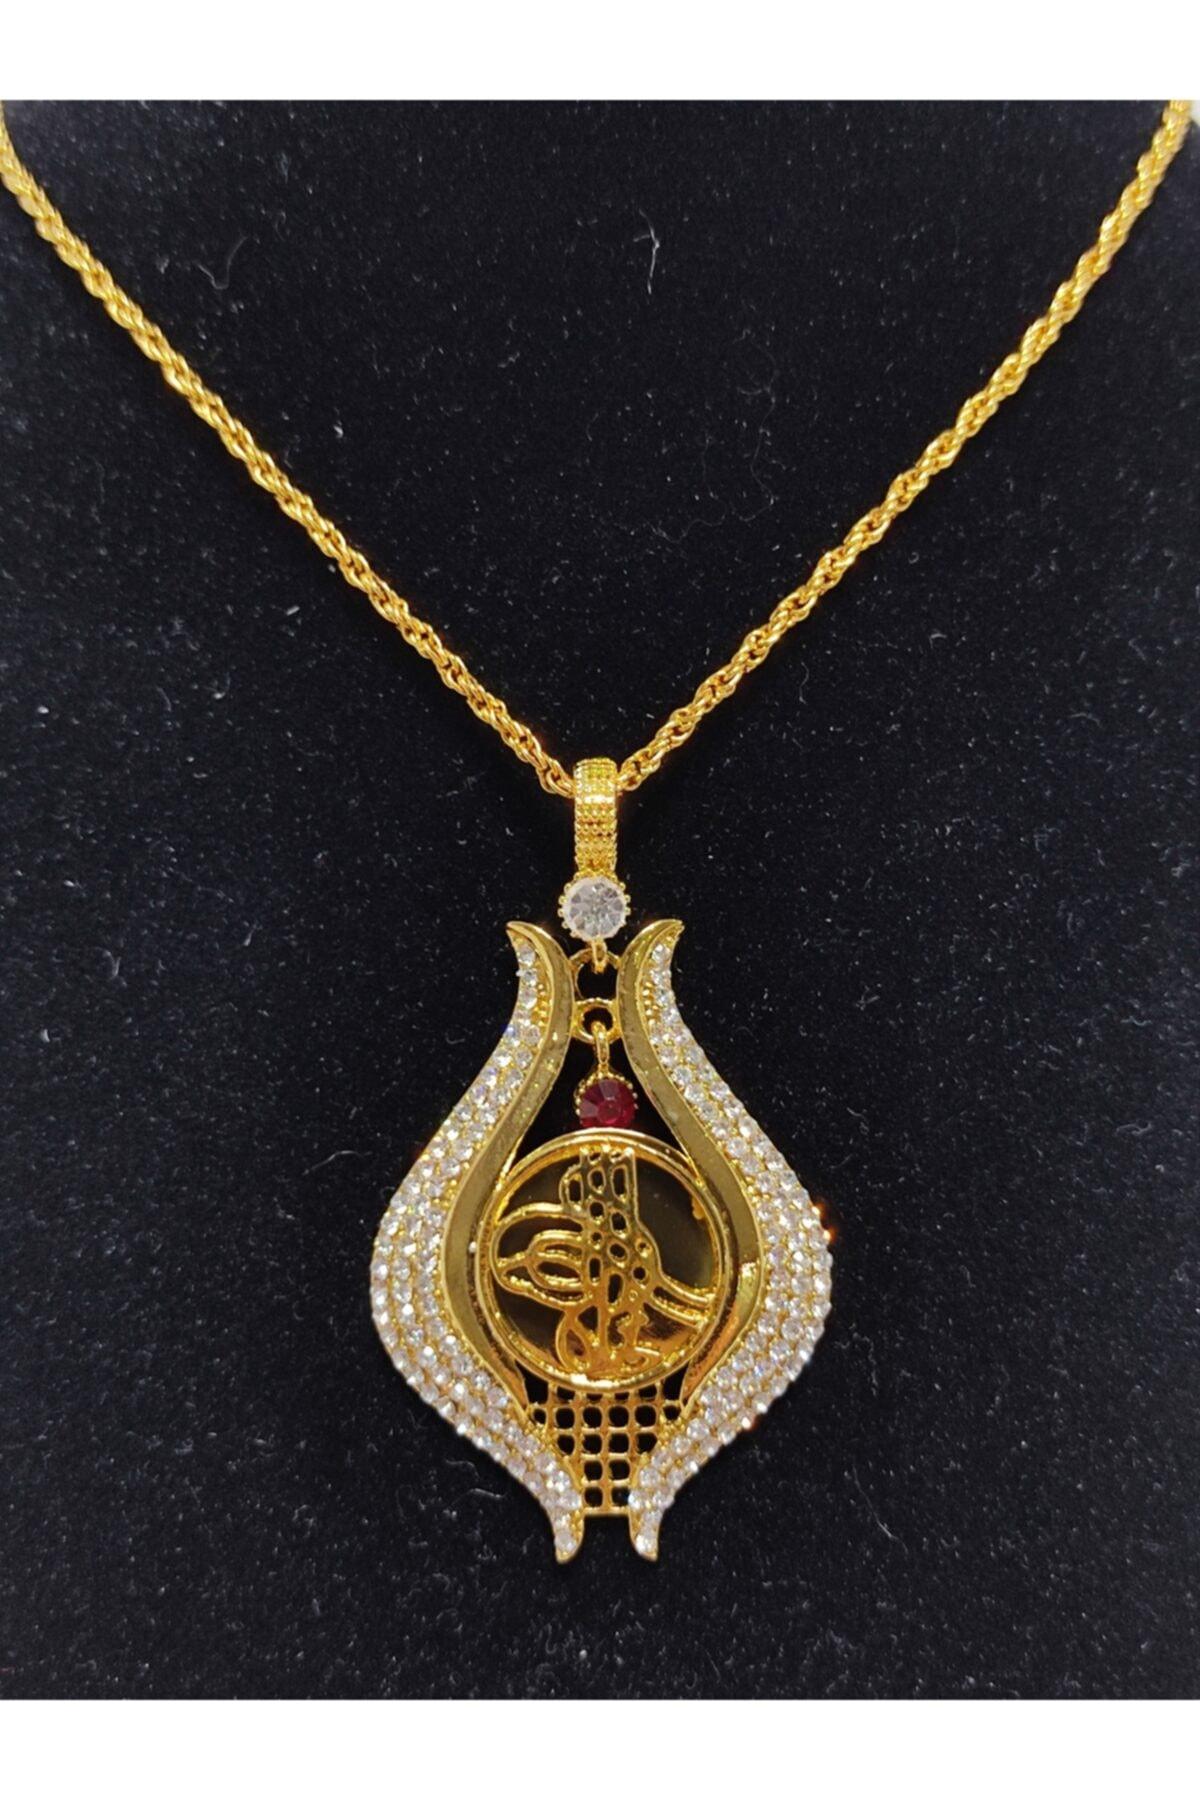 HDI Yeni Model Lale Motifi Osmanlı Tuğralı Zirkon Taşlı Altın Kaplama 22 Ayar Kolye 1